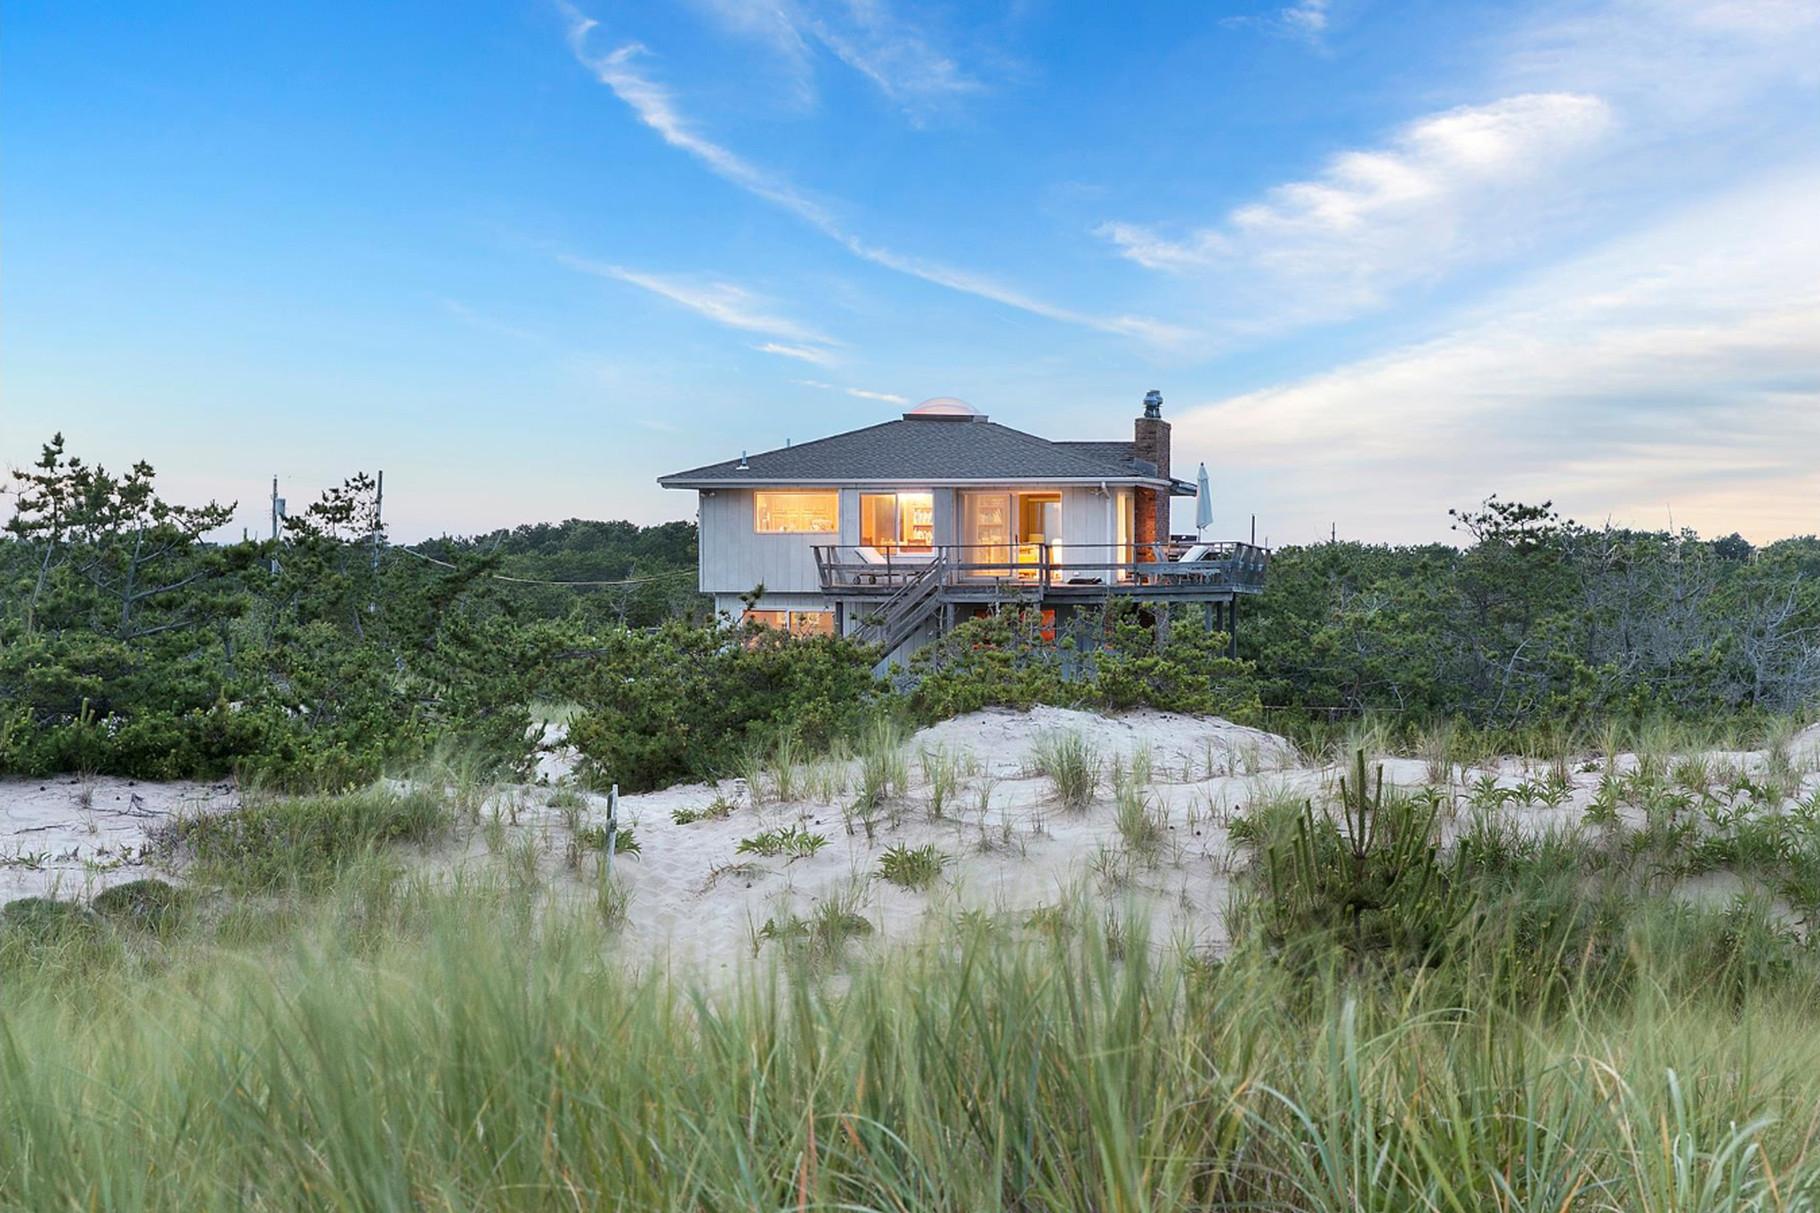 Napeague Beachfront Compound of Famous Fashion Photographer Asks $12.5 Million